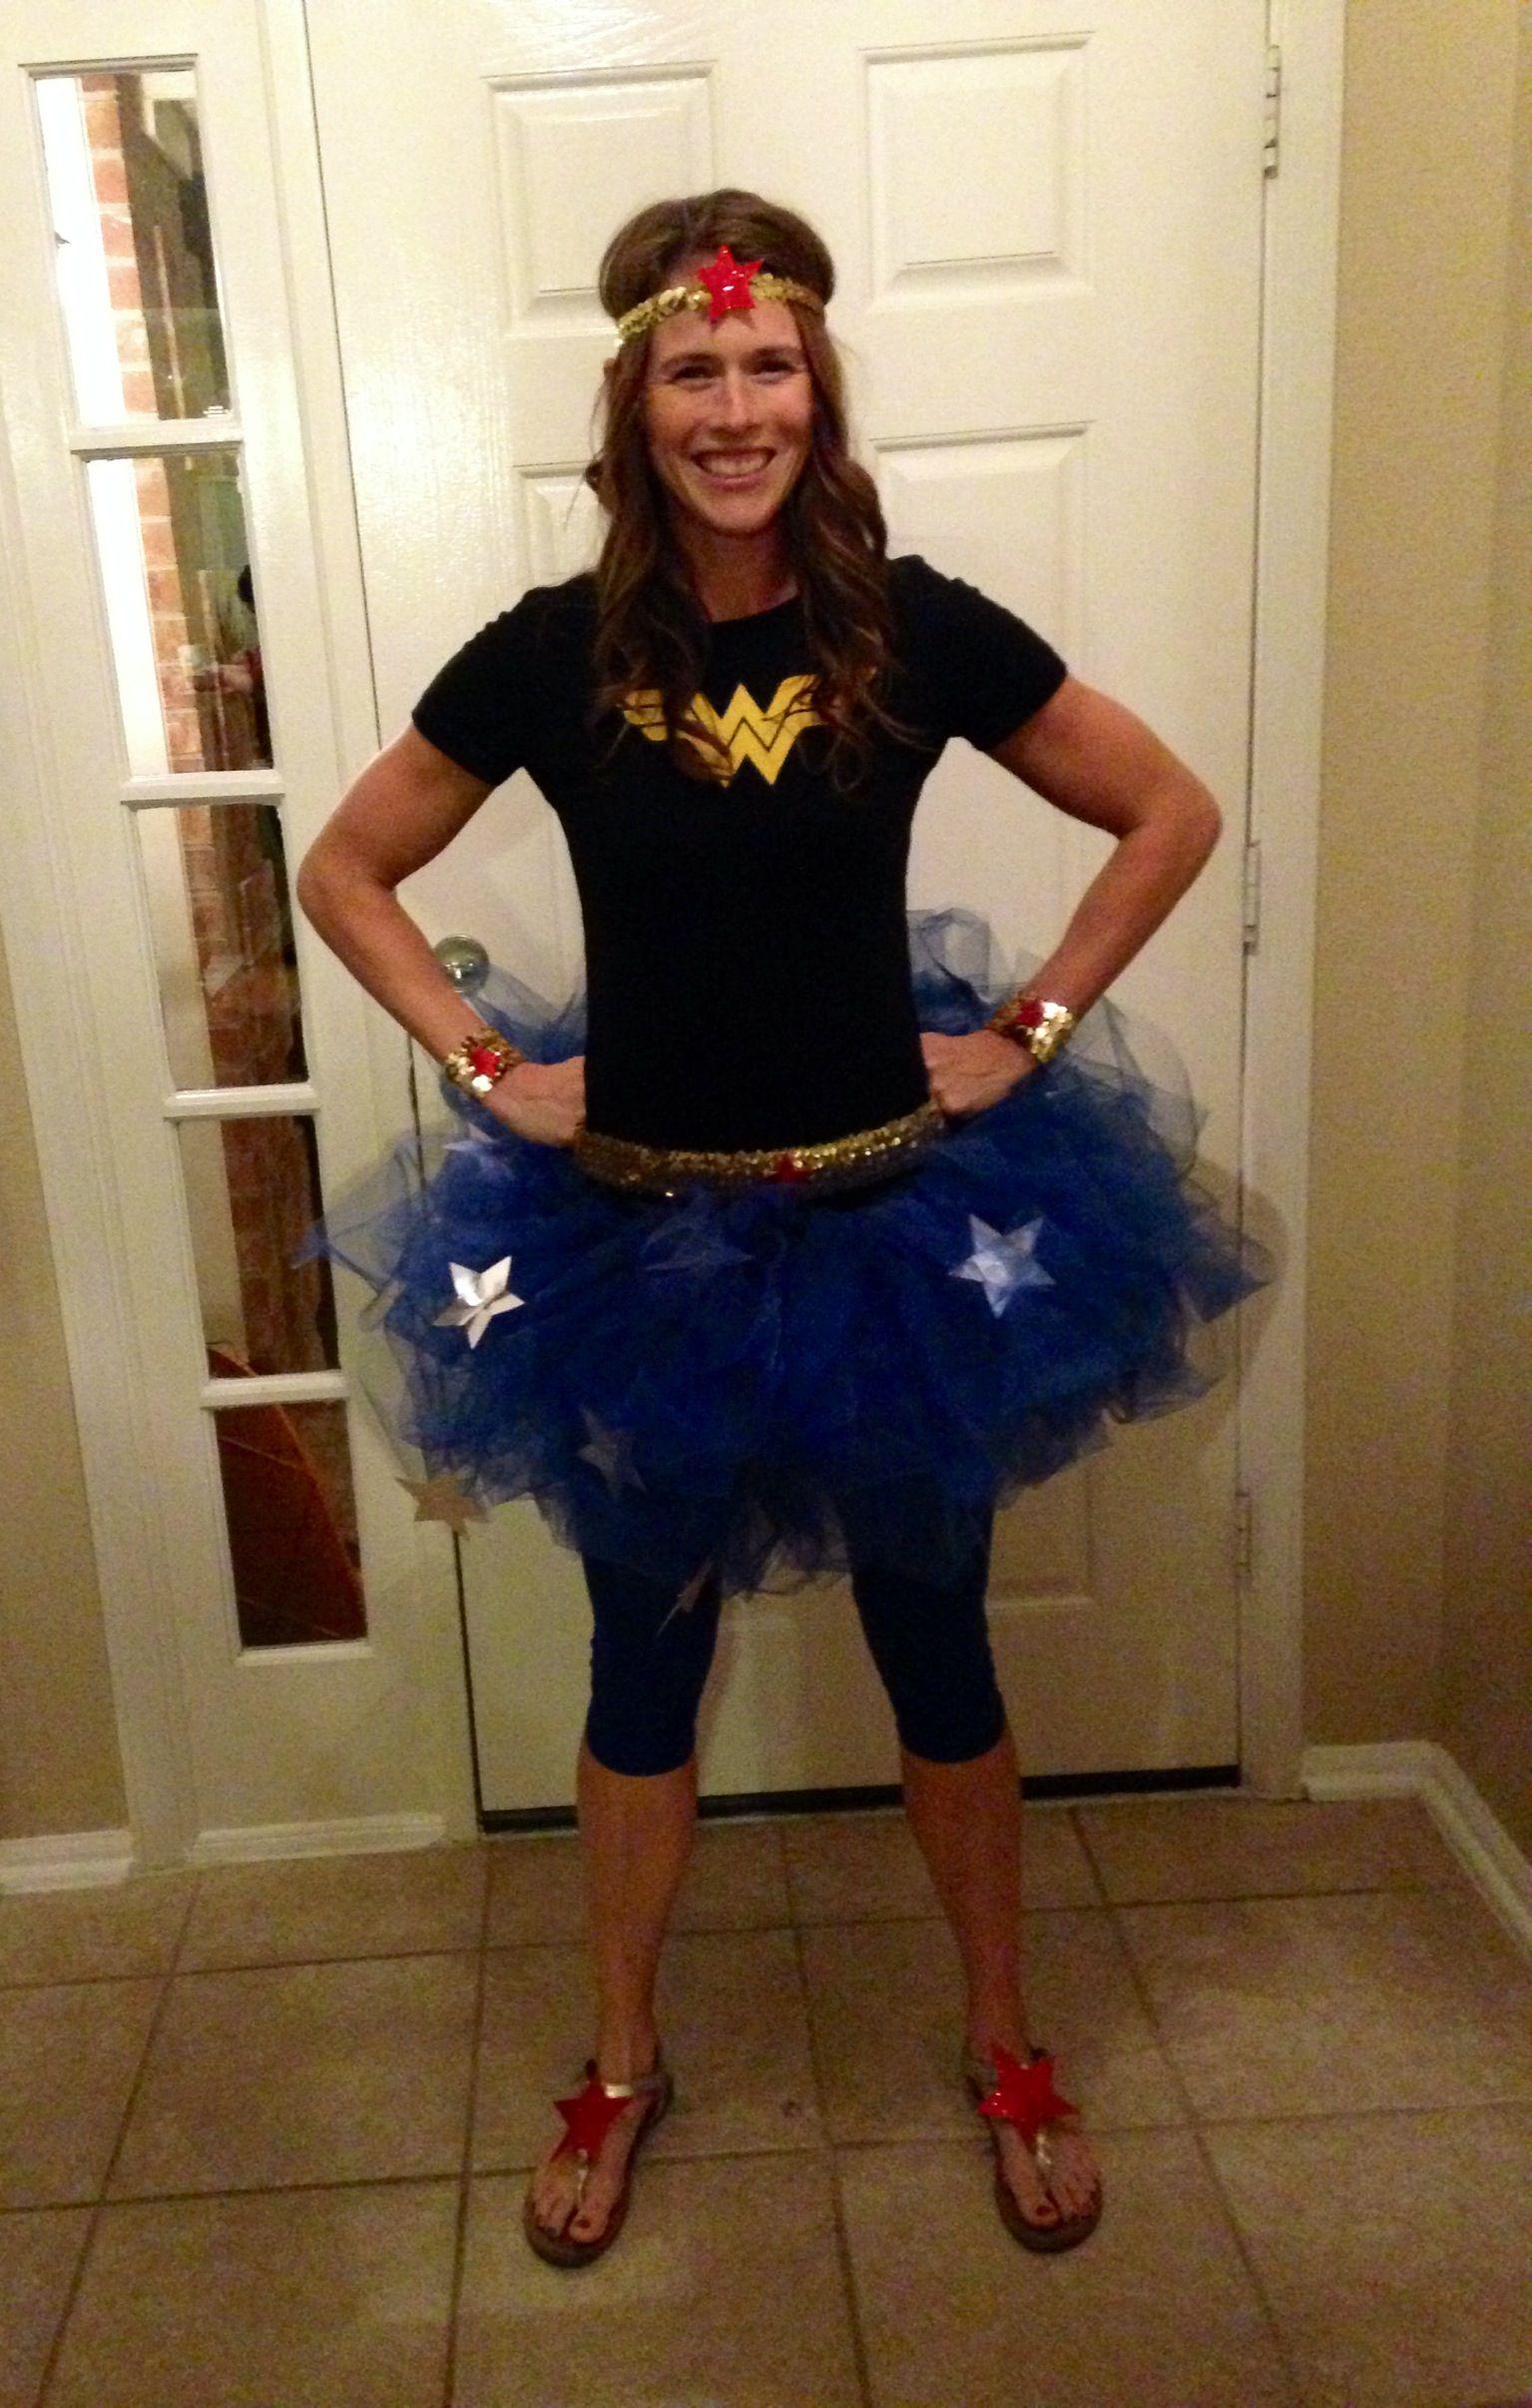 Modest homemade Wonder Woman costume | My pins | Pinterest | Woman ...